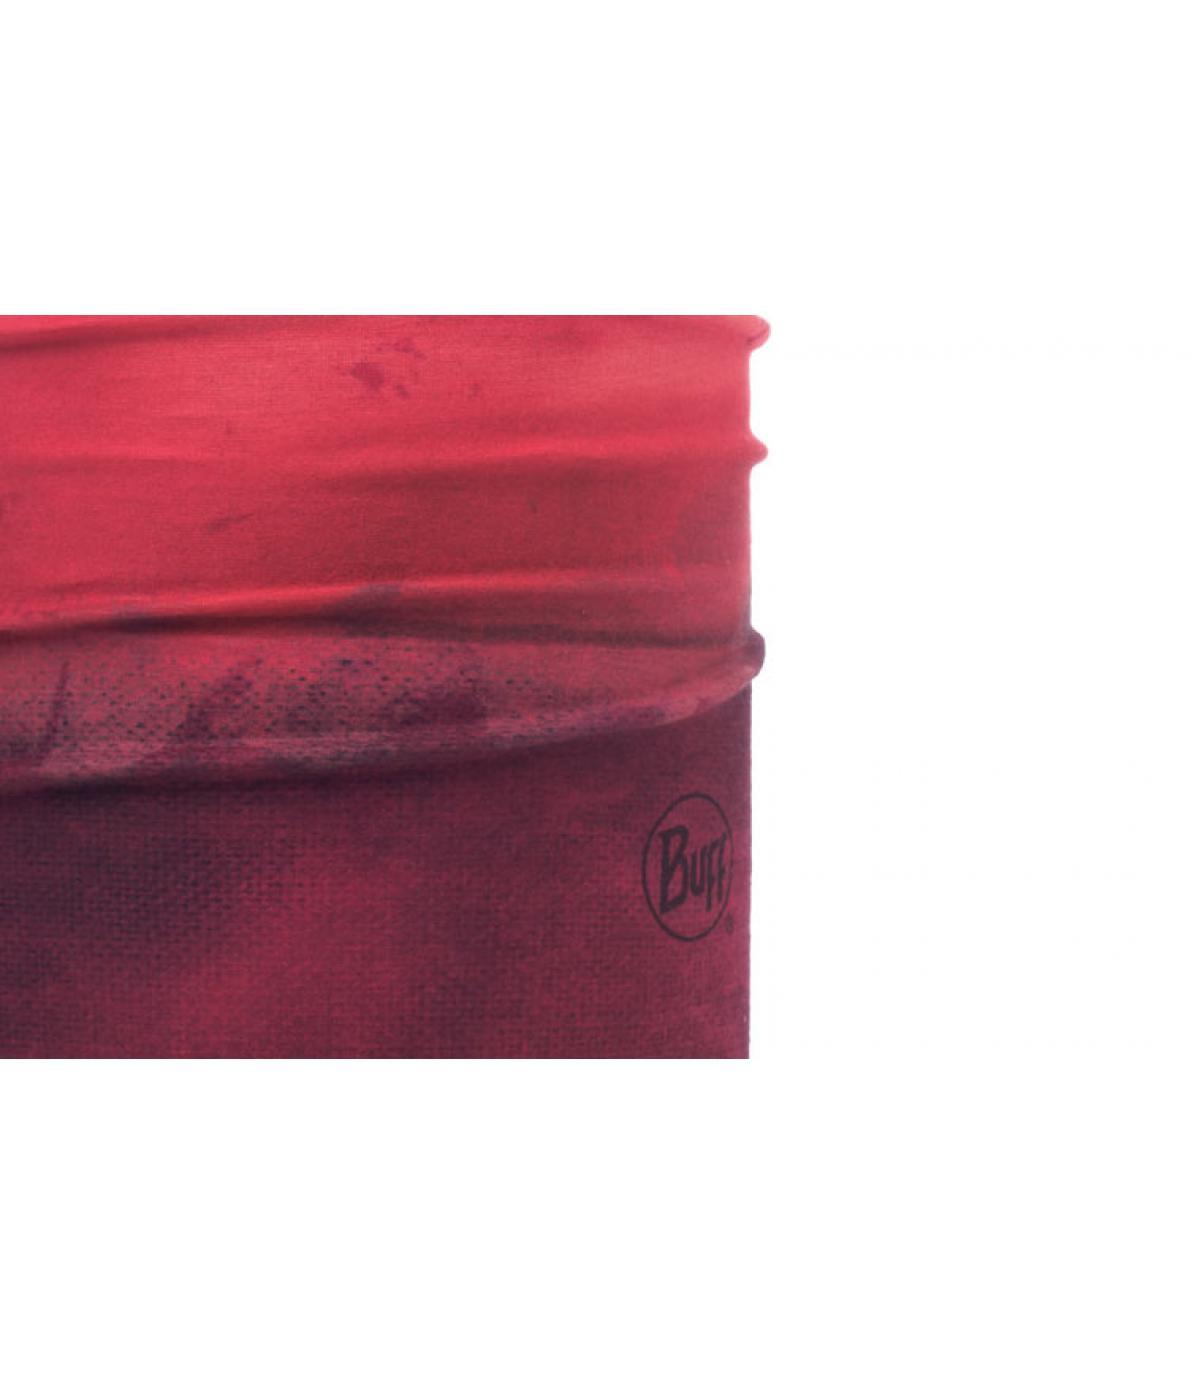 Details Active Rotkar pink - afbeeling 2